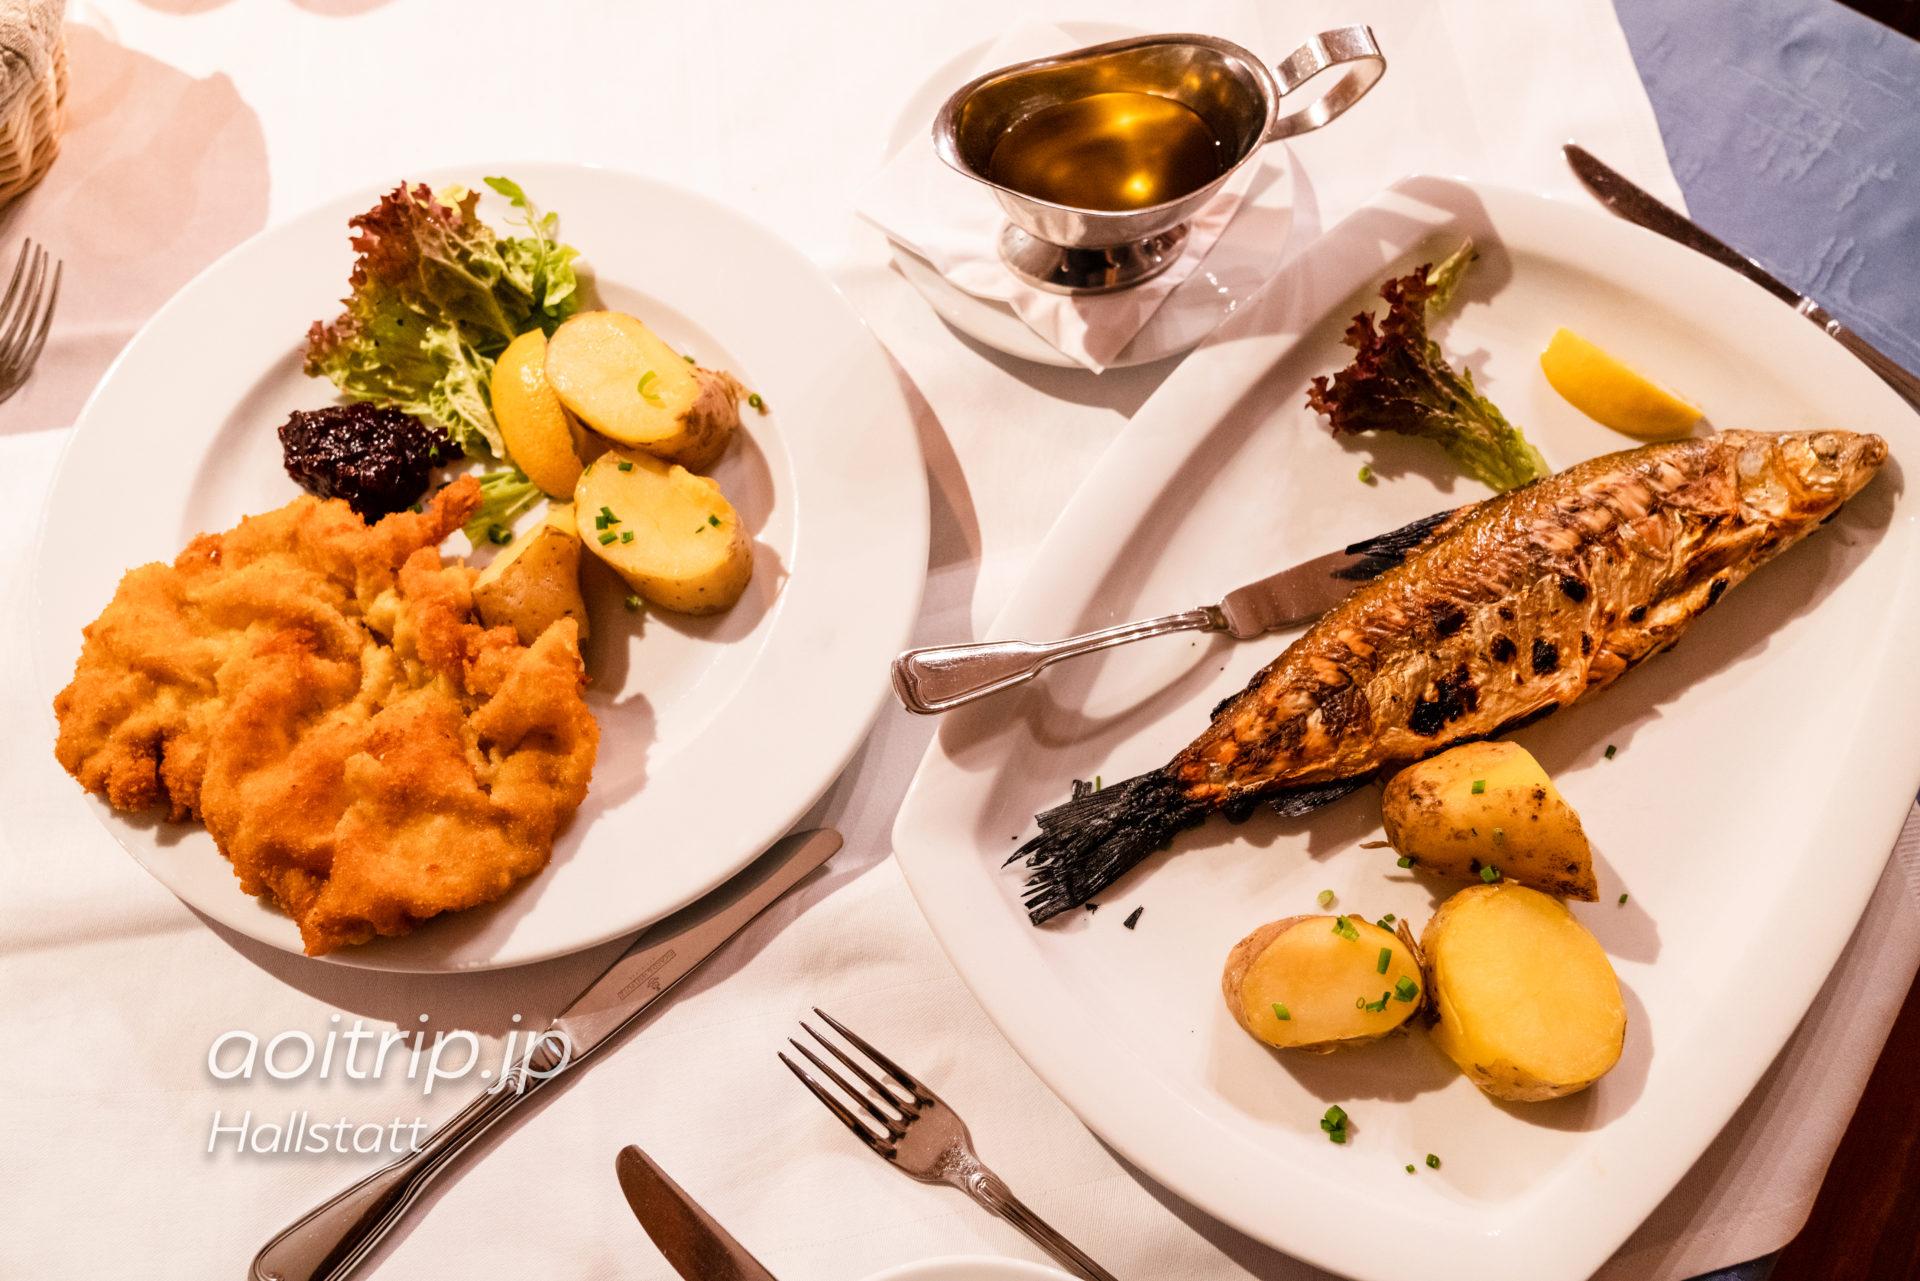 ゼーヴィルト ツァウナー ハルシュタットのレストラン